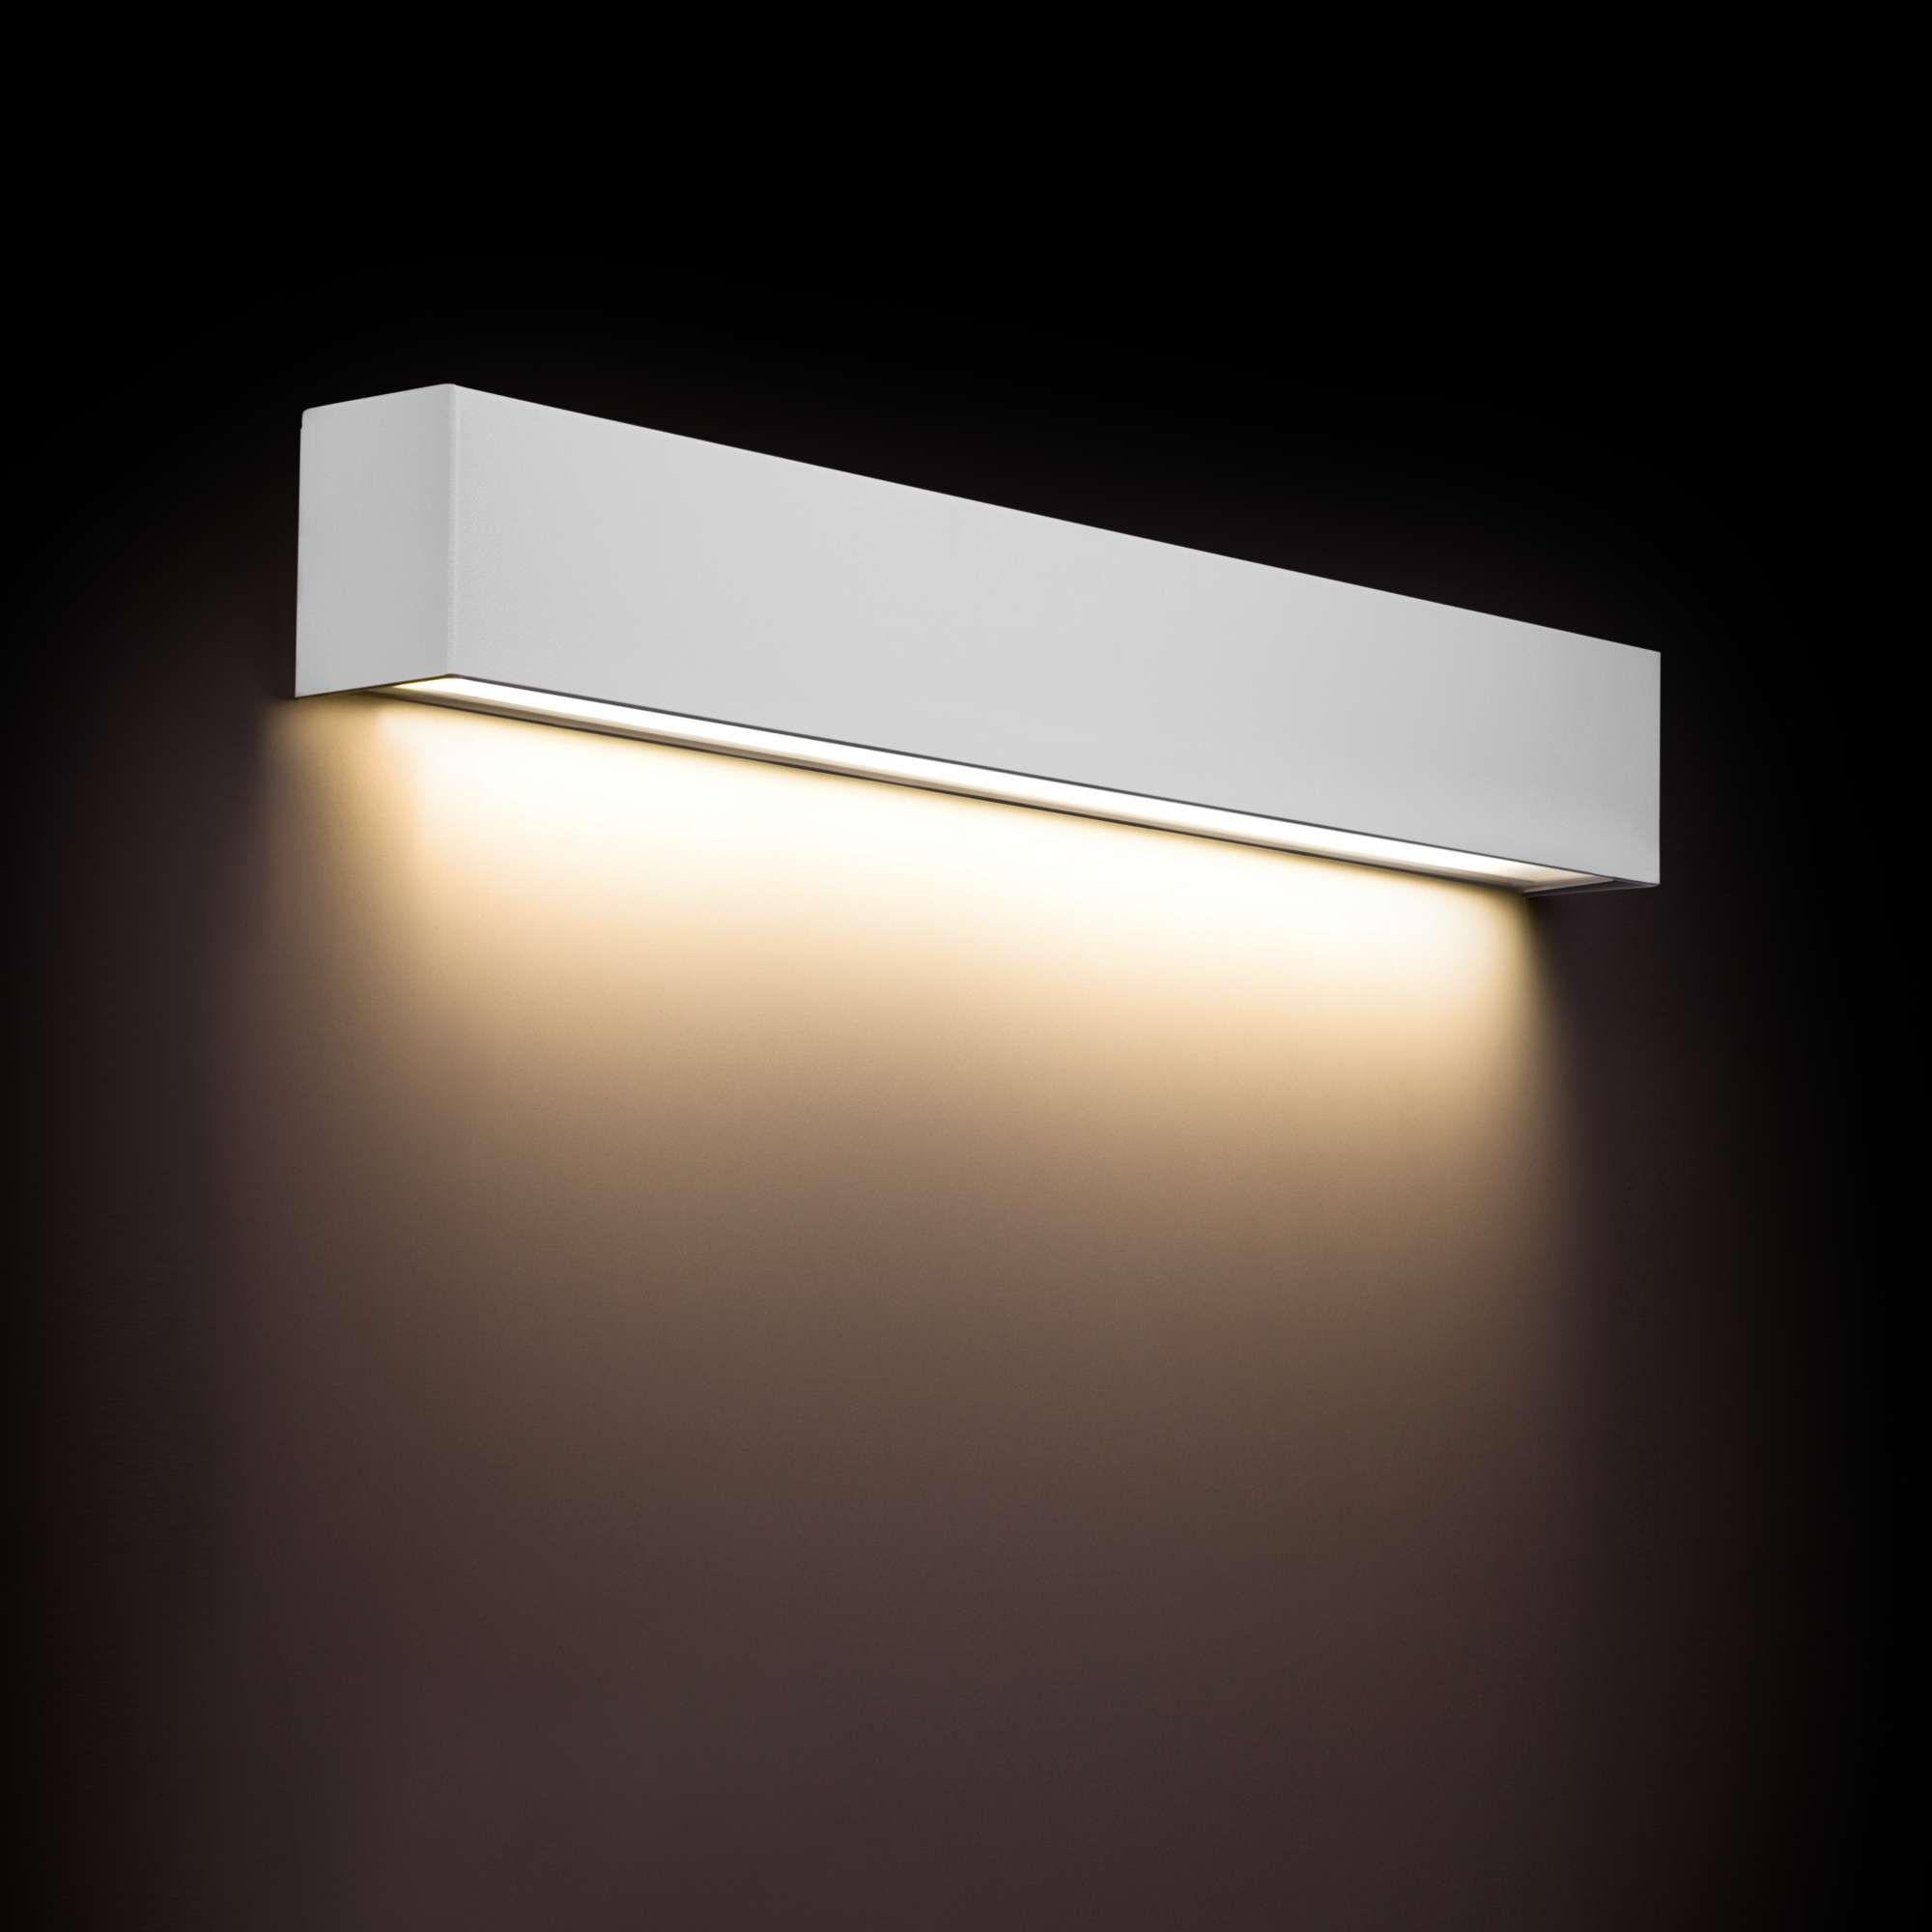 Kinkiet Lampa Scienna Straight Wall S 6355 Nowodvorski Metalowa Oprawa Listwa Prostokatna Srebrny Wall Lights Light Wall